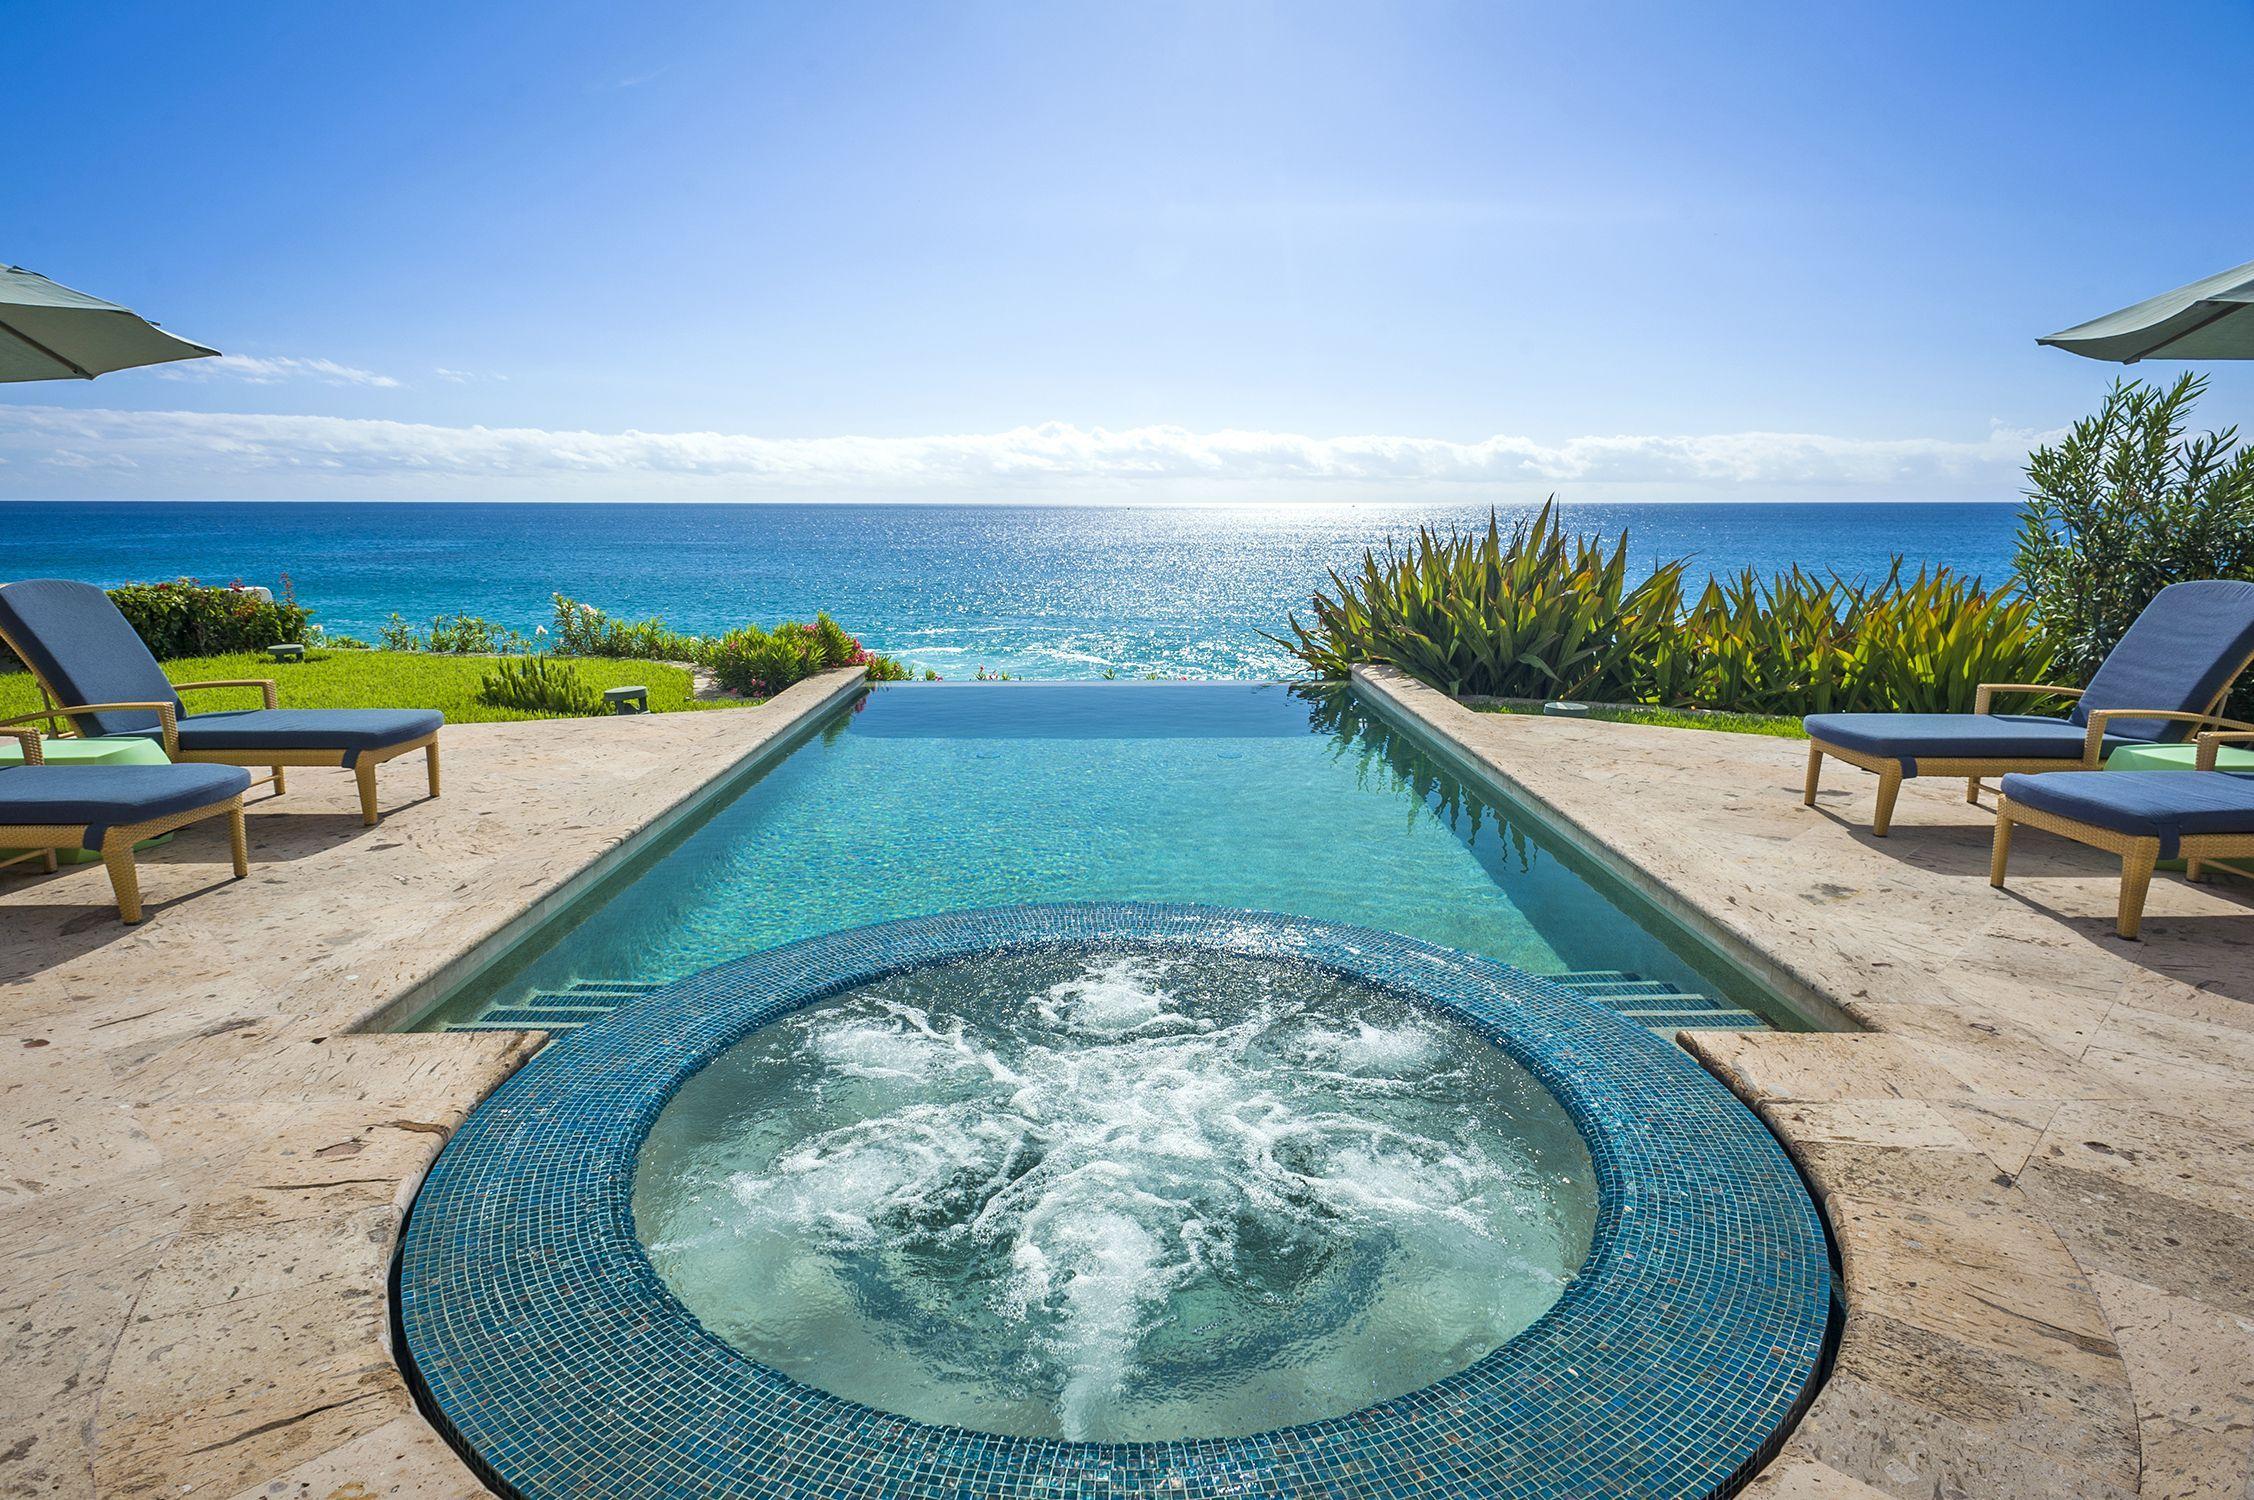 Lifestyle In Cabo Info Lifestyleincabo Com Michael Baldwin Properties Los Cabos Baja California Sur Mexico Villa 341 V Villa Los Cabos Oceanfront